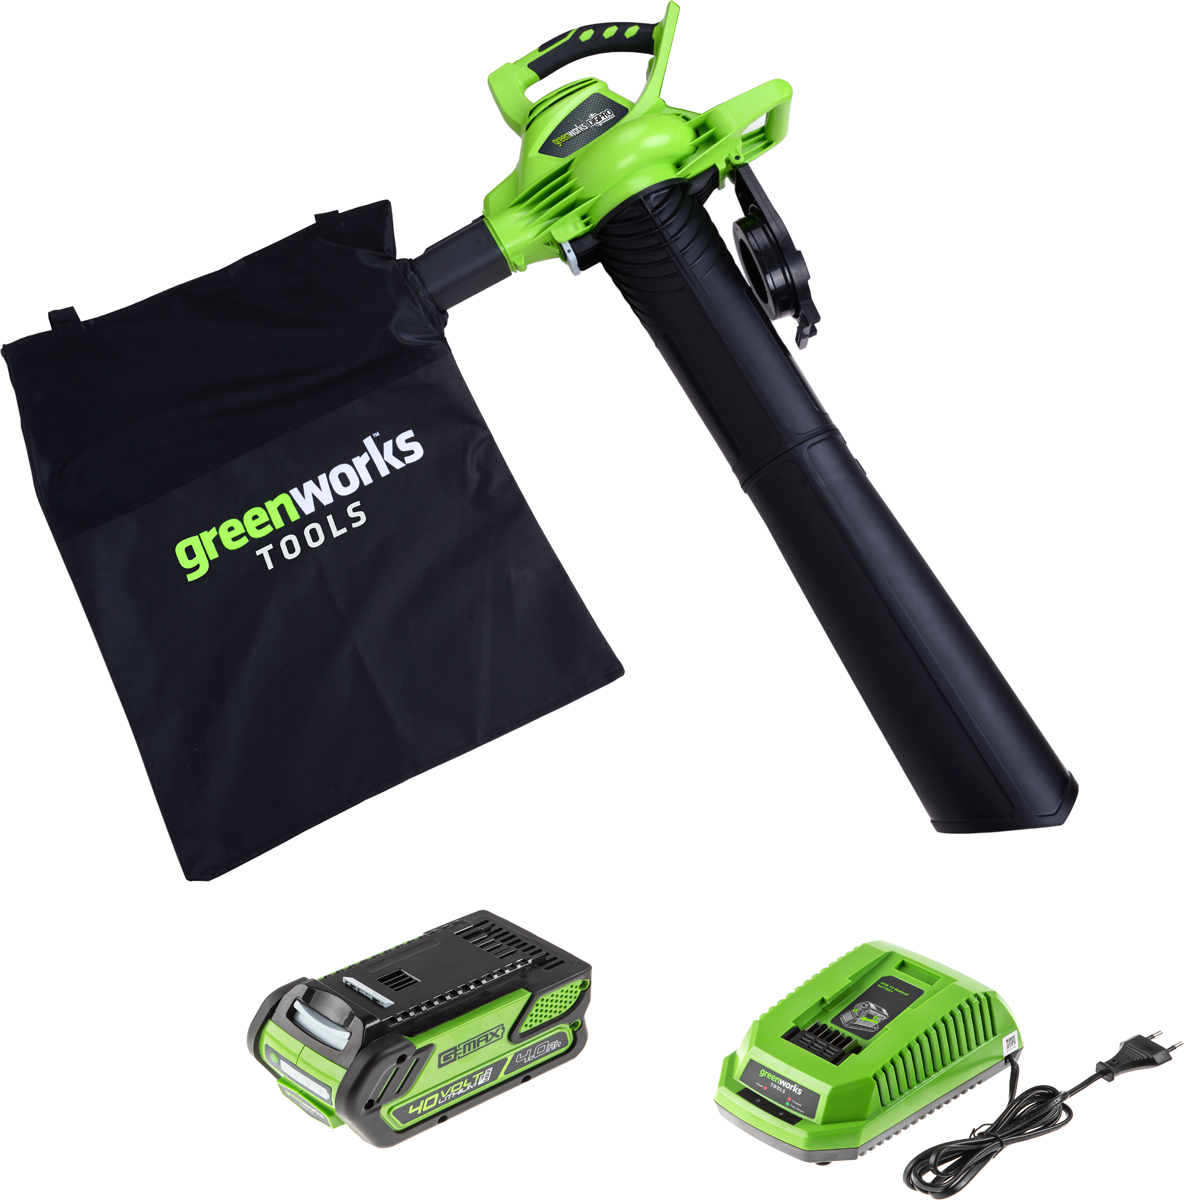 Воздуходувка пылесос садовый аккумуляторный Greenworks линейки 40 вольт (модель GD40BV) - предназначен для уборки территорий от пыли и мусора, а также от опавших листьев. Основная особенность - наличие функции всасывания при помощи трубы и мешка для сбора мусора. Данный воздуходув можно легко трансформировать в садовый пылесос с функцией мульчирования. Воздуходув имеет надёжный бесщёточный двигатель серии DigiPro сопоставимый по мощности с бензиновыми аналогами. При этом он экологически чист, имеет высокий крутящий момент, низкий уровень шума и вибраций, а так же прост в эксплуатации - не требует подготовки масло-бензиновой смеси и какого-либо обслуживания.  Воздуходув имеет 6 скоростей, а максимальная скорость воздушного потока = 280 км/ч. Конструкцией предусмотрены стальные ножи для мульчирования листьев. Рукоятка имеет эргономичный дизайн с прорезиненной поверхностью. Немаловажным достоинством является компактные размеры и малый вес устройства по сравнению с бензиновой техникой, всего 4,84 кг. Предусмотрена система защиты от случайного попадания предметов в лопасти турбины. Воздуходув работает от аккумуляторной батареи G-MAX 40V, которую можно использовать с другими устройствами линейки 40V (15+ устройств). Преимущества модели:Бесщёточный индукционный двигатель серии DigiPro;2 в 1 - воздуходув и садовый пылесос;Труба и мешок для сбора листьев в комплекте;Максимальная скорость воздушного потока 280 км/ч.;Легкий вес - 4,84 кг.;Включение одной кнопкой;Работа от 40V аккумулятора совместимого с другими устройствами из линейки 40 вольт;Гарантия 2 года.Состав комплекта:G-MAX 40V аккумуляторный садовый воздуходув пылесос арт. 24227;Аккумуляторная батарея 40V G-MAX на 4 А/ч, артикул 29727;Зарядное устройство на 40V, артикул 2904607;Труба и мешок для сбора листьев;.Руководство по эксплуатации;Гарантийный талон.